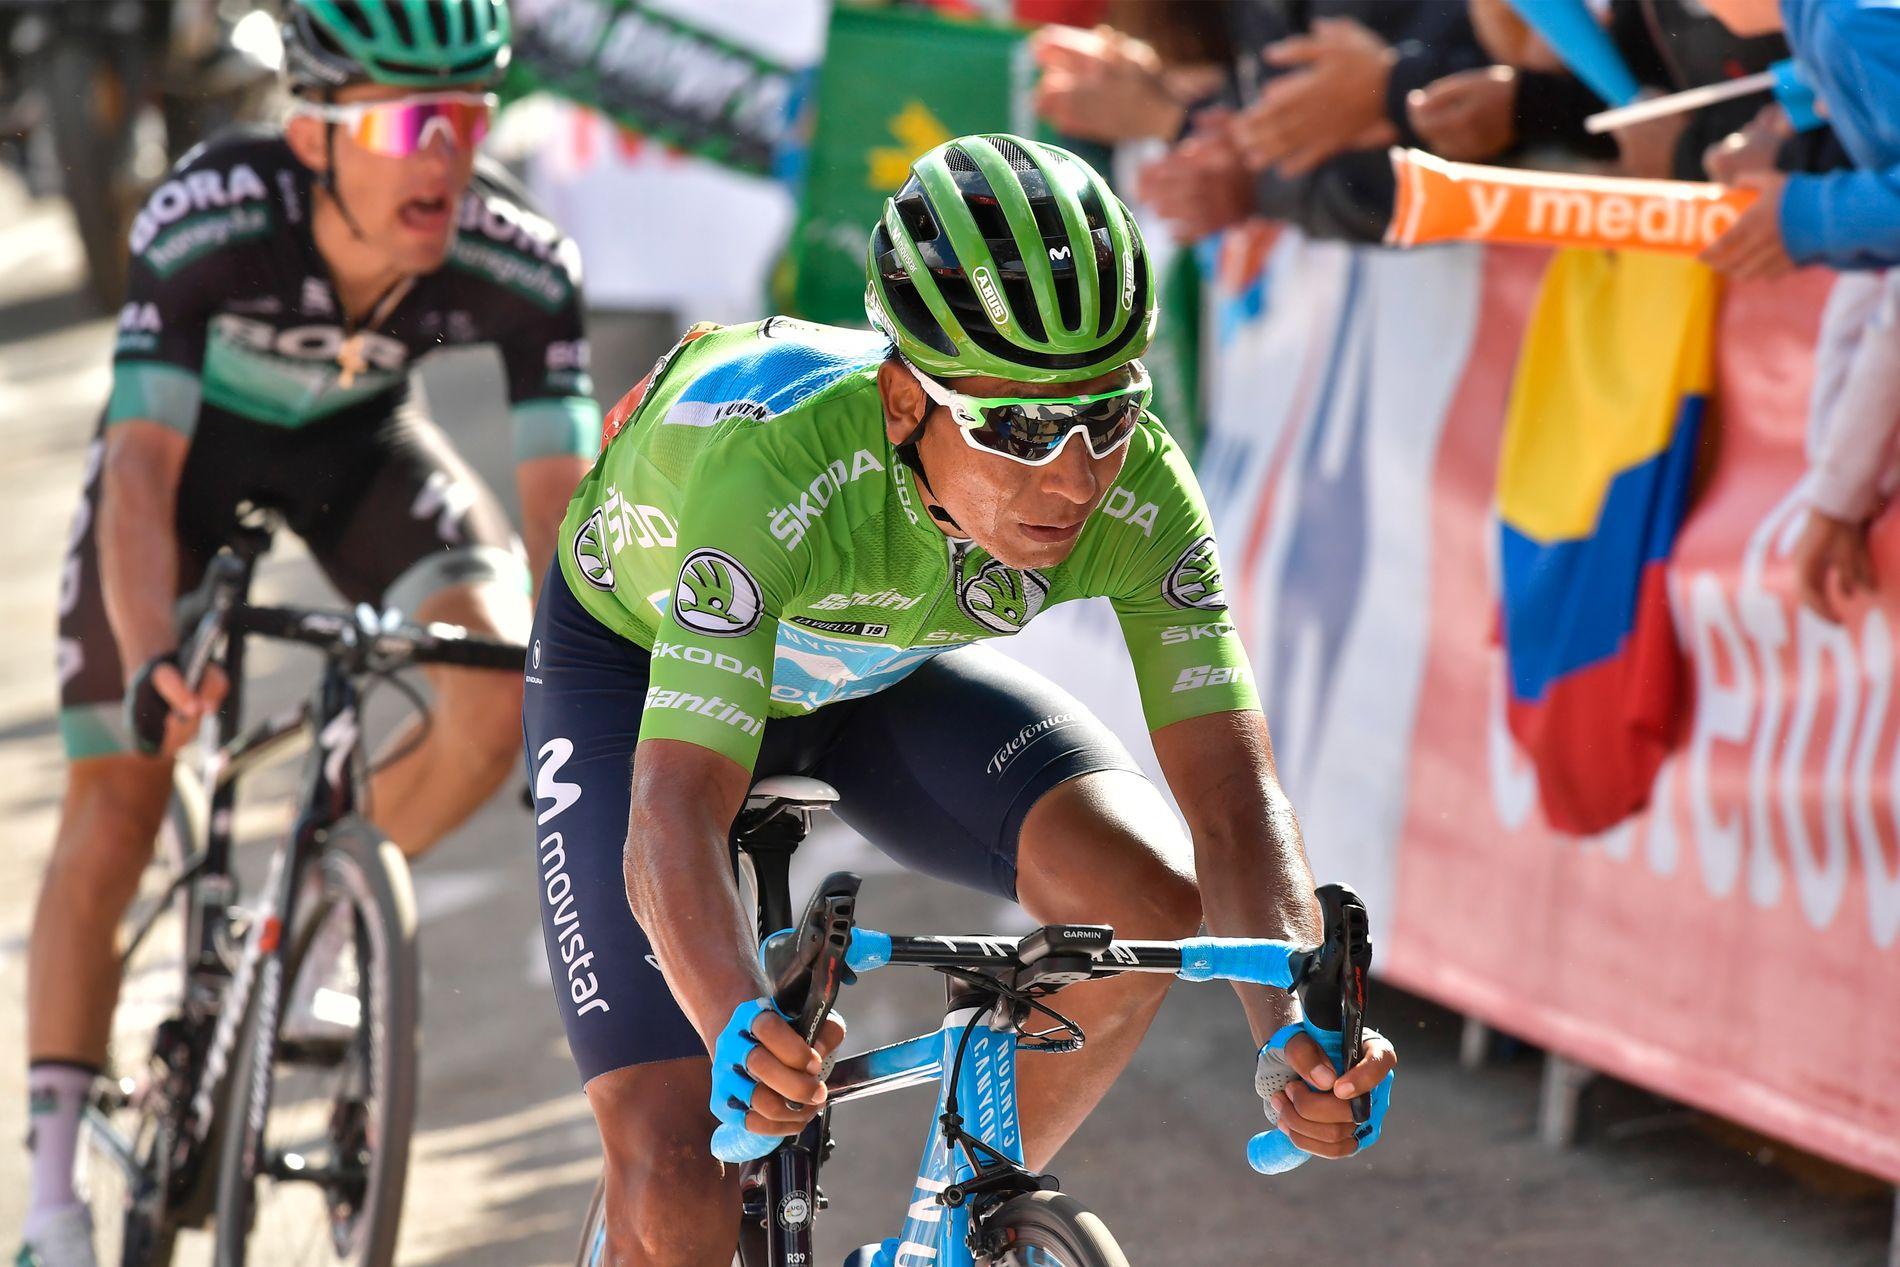 Nairo Quintana tok seg tilbake i kampen om sammenlagtseier i Vuelta a España da han satt med i et vellykket brudd på onsdagens etappe.